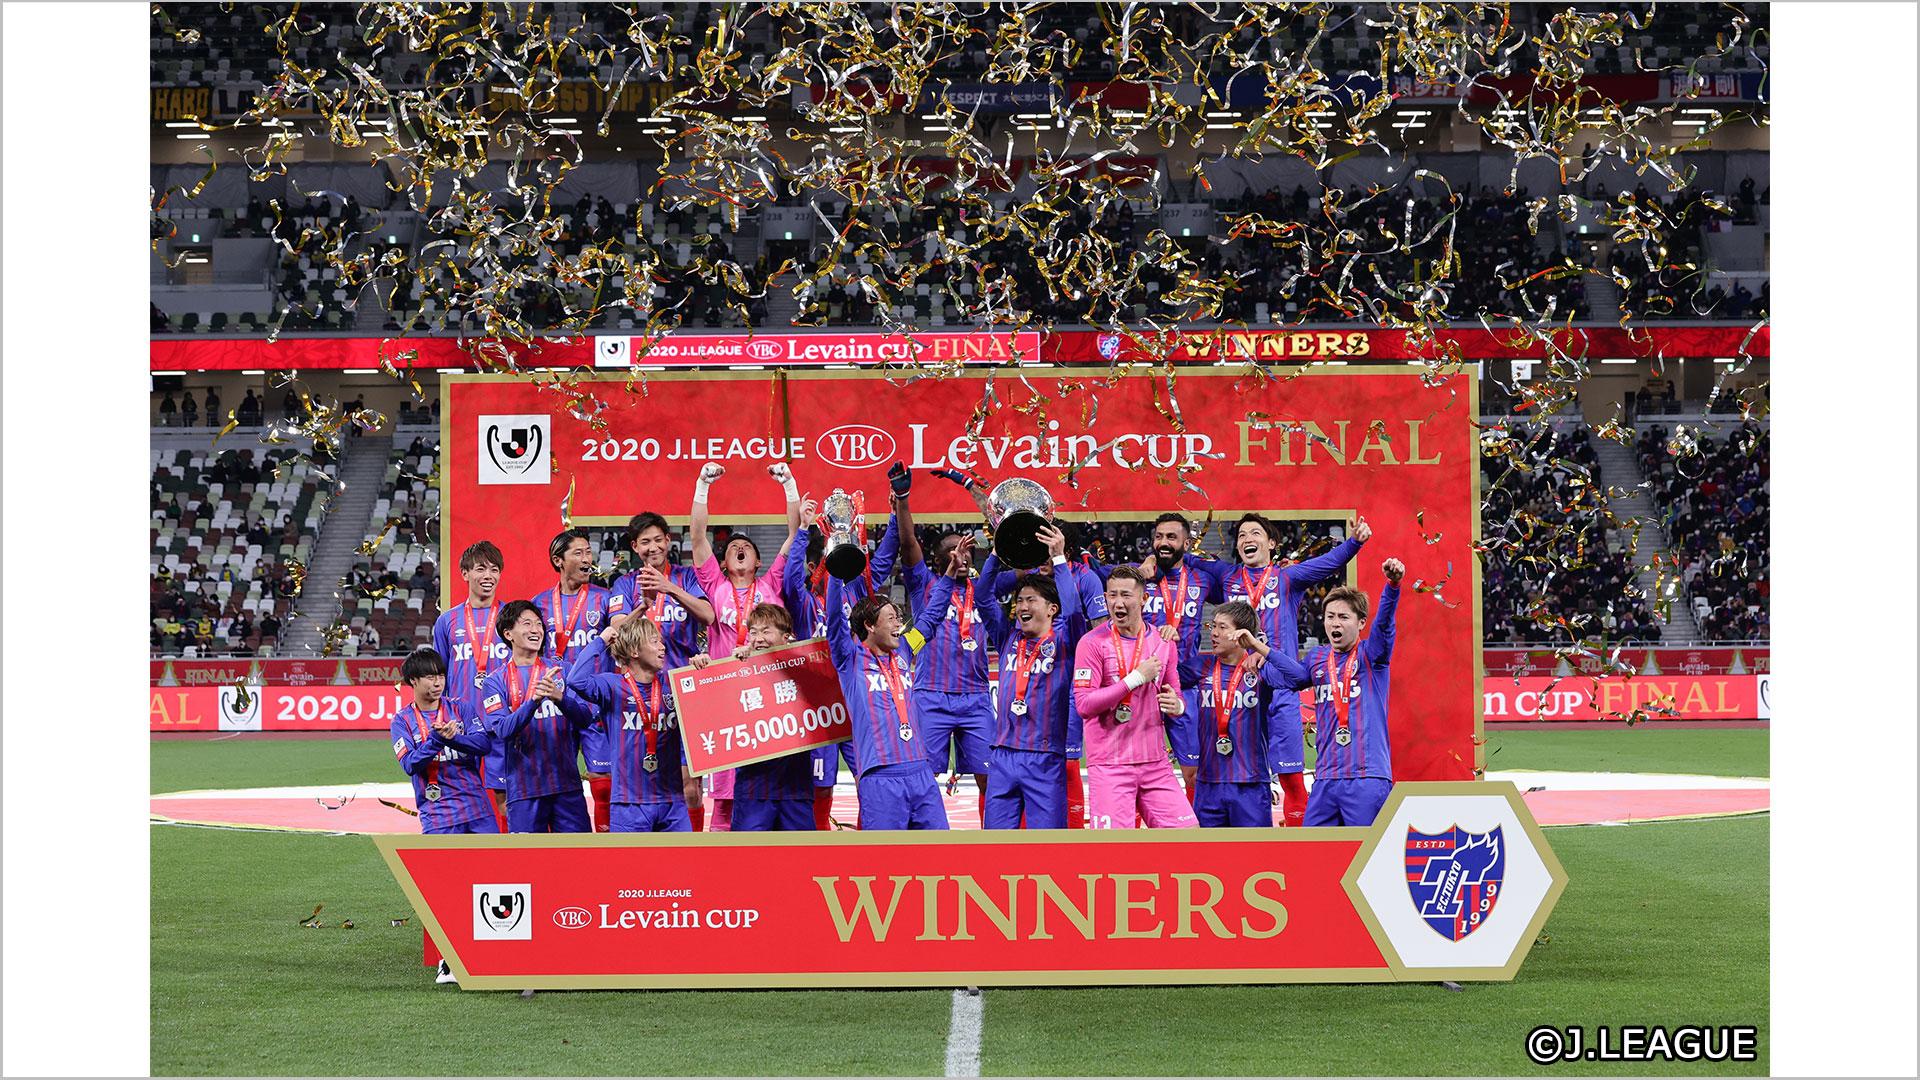 2021 JリーグYBCルヴァンカップ グループステージ 第5節 Dグループ サンフレッチェ広島 vs 横浜F・マリノス